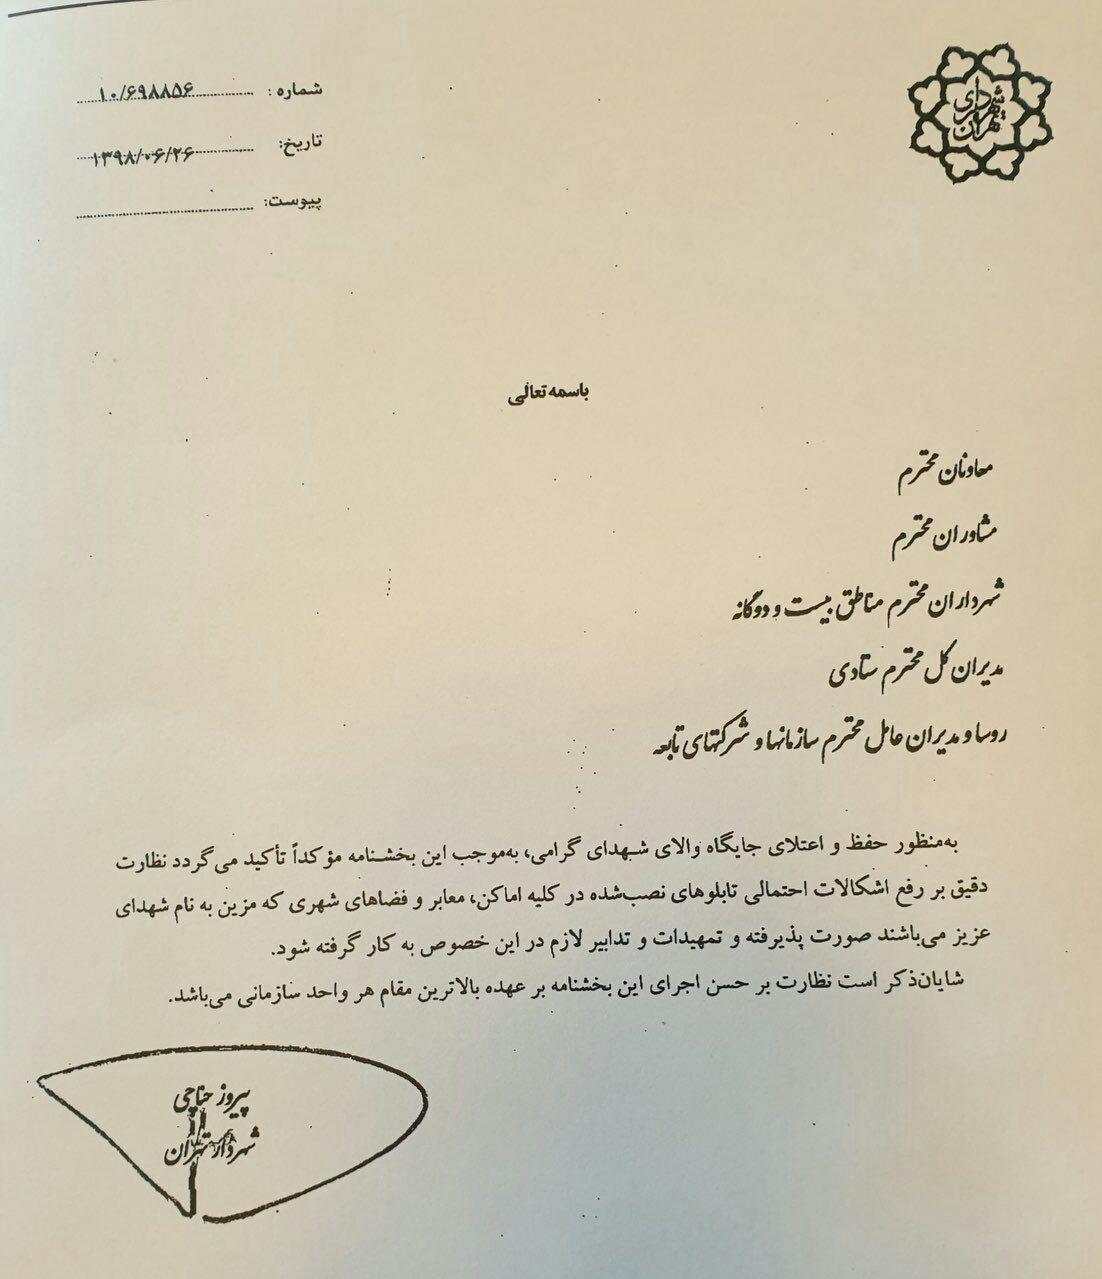 دستور عزل پیمانکاران خاطی در موضوع حذف نام شهدا